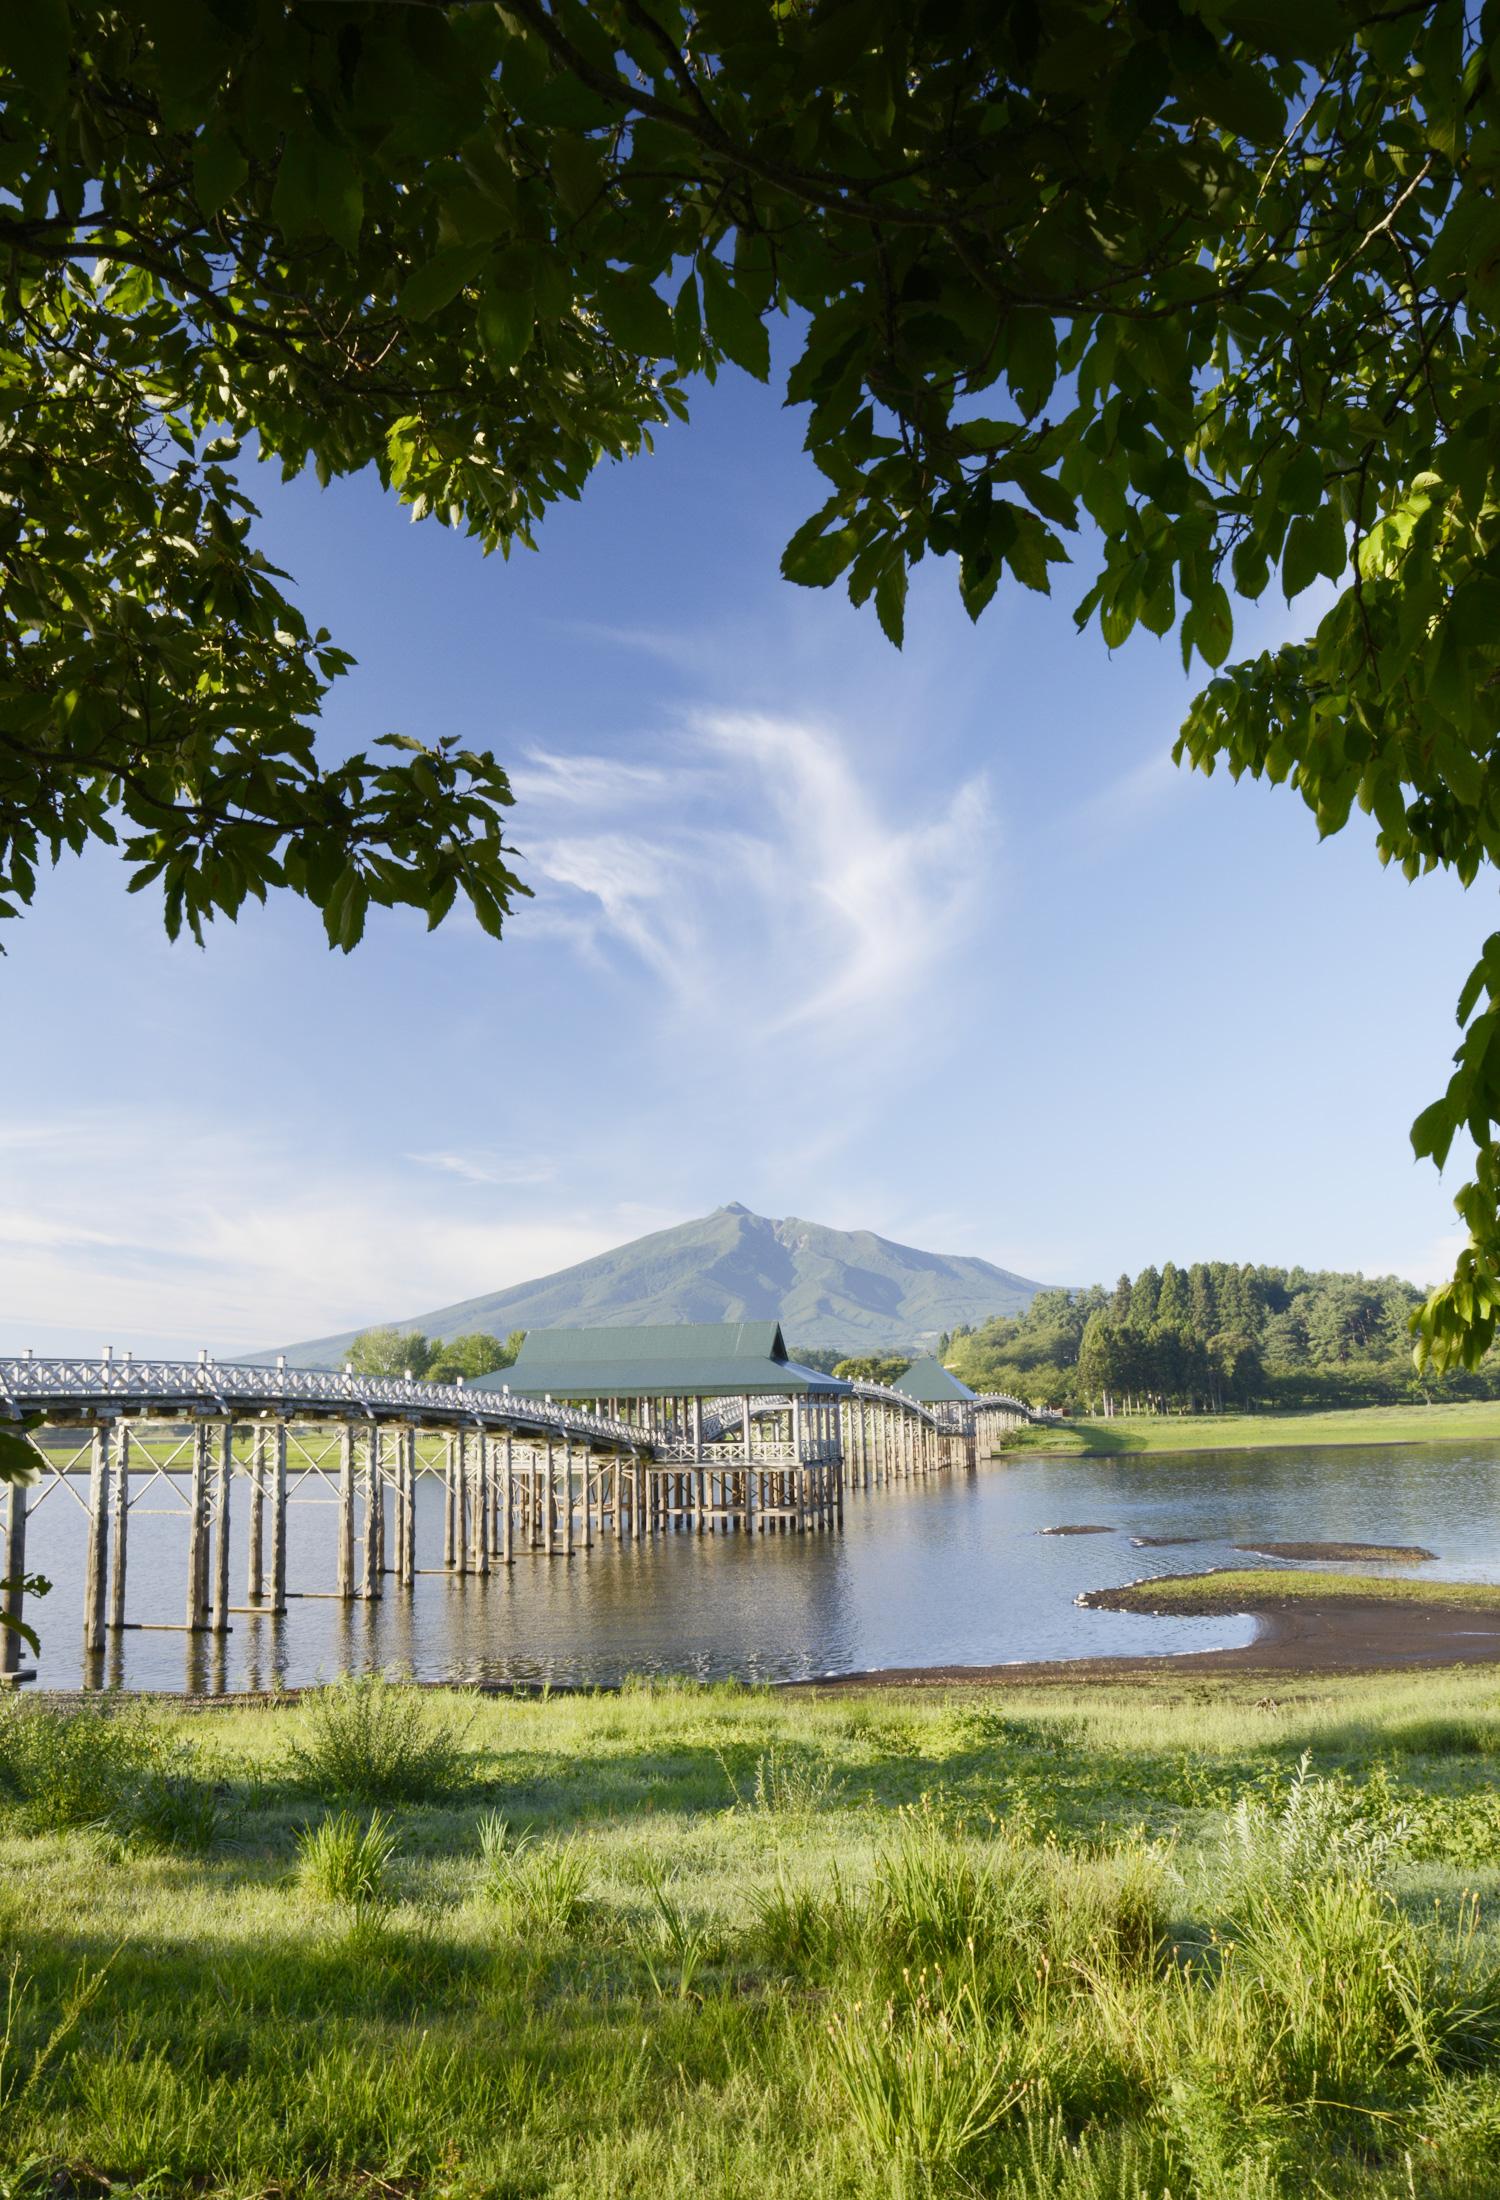 津軽富士見湖にかかる木造のアーチ橋